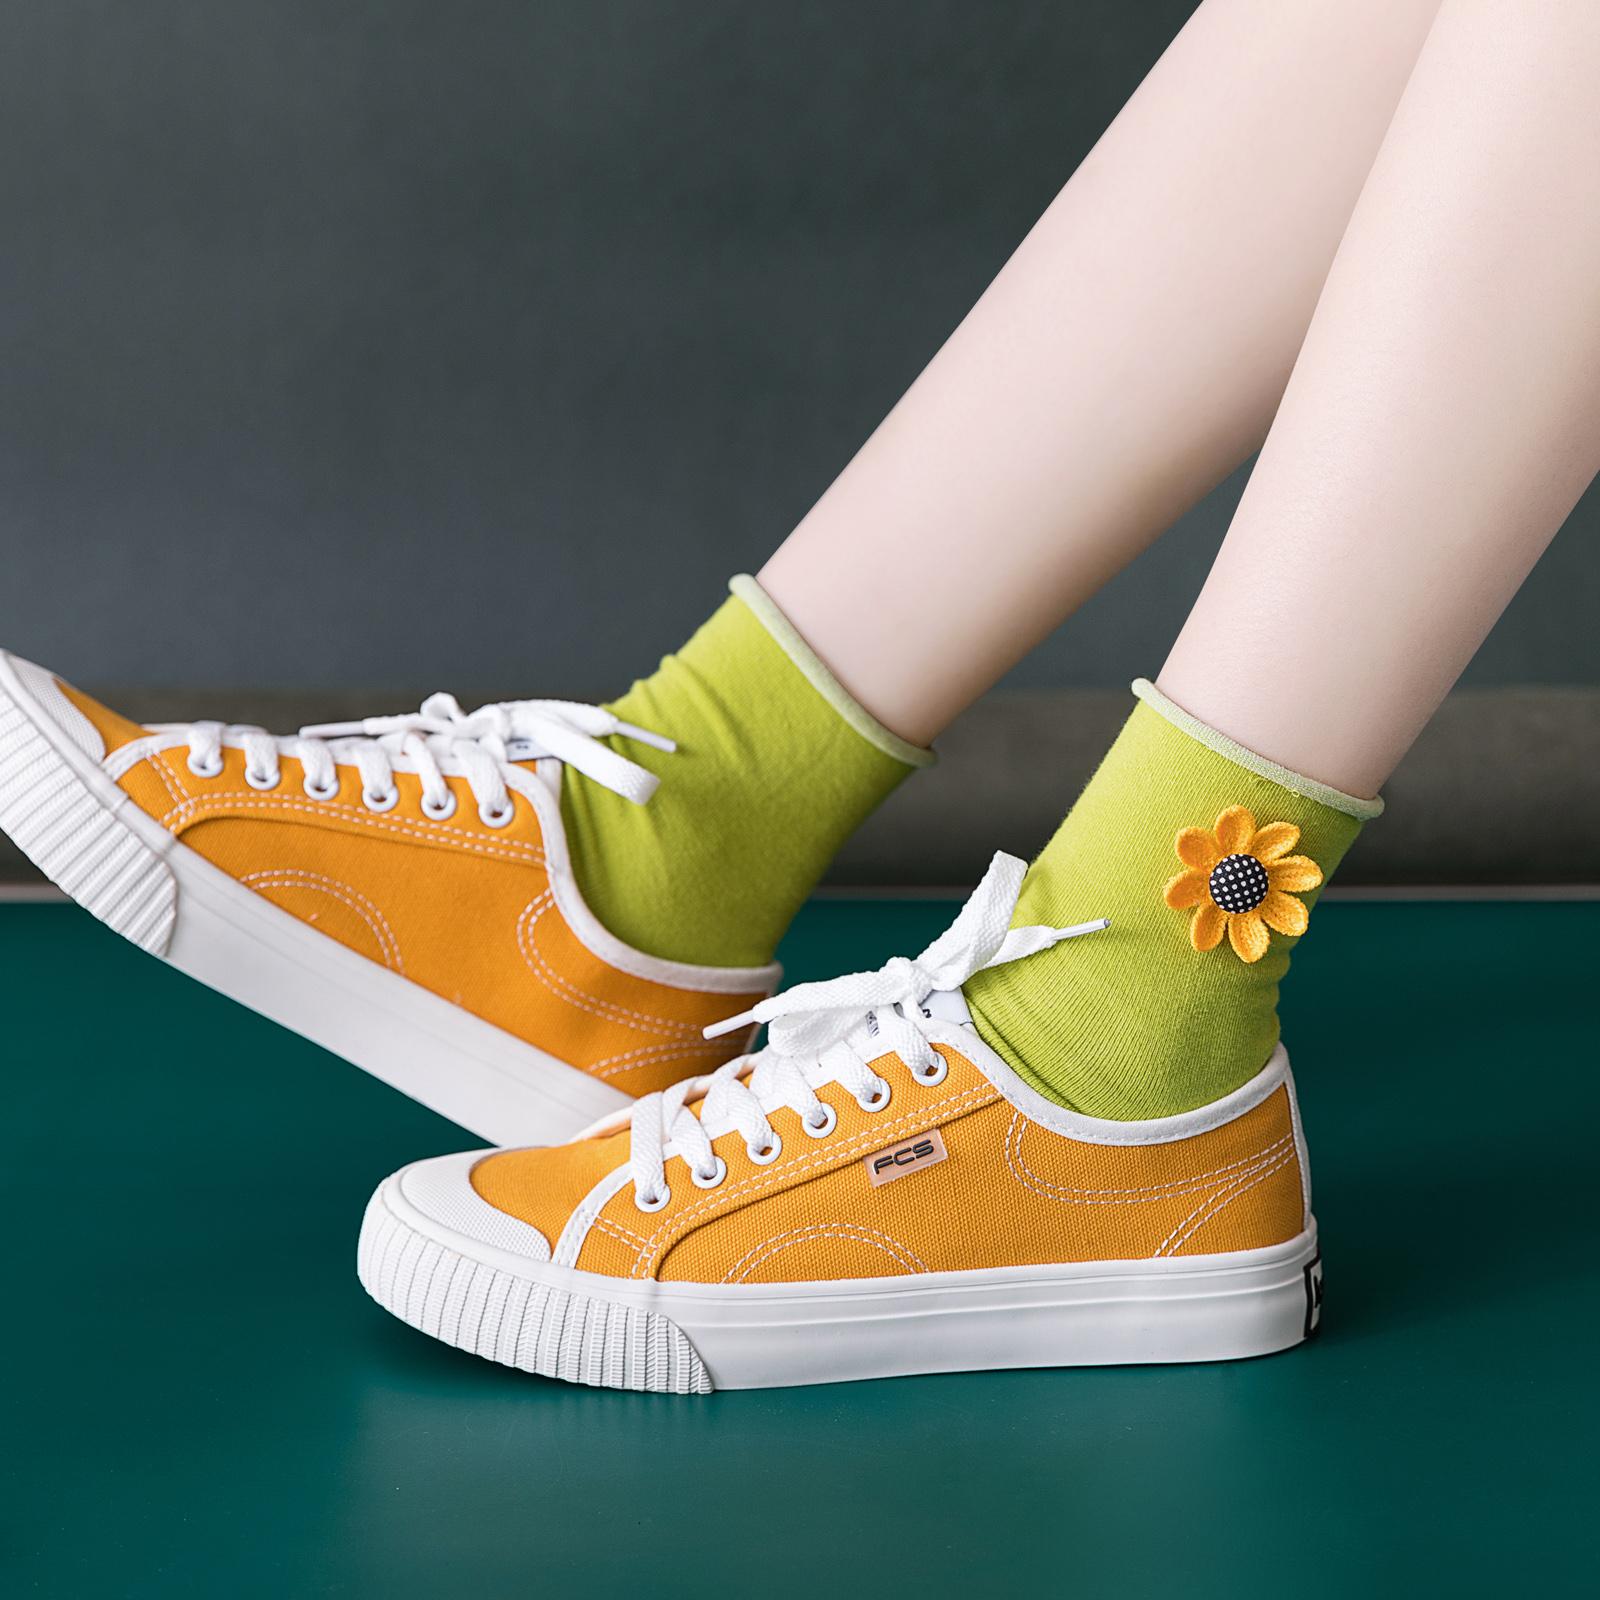 小花朵泫雅风女袜子夏薄款ins潮可爱韩版中筒袜中长款彩色糖果色